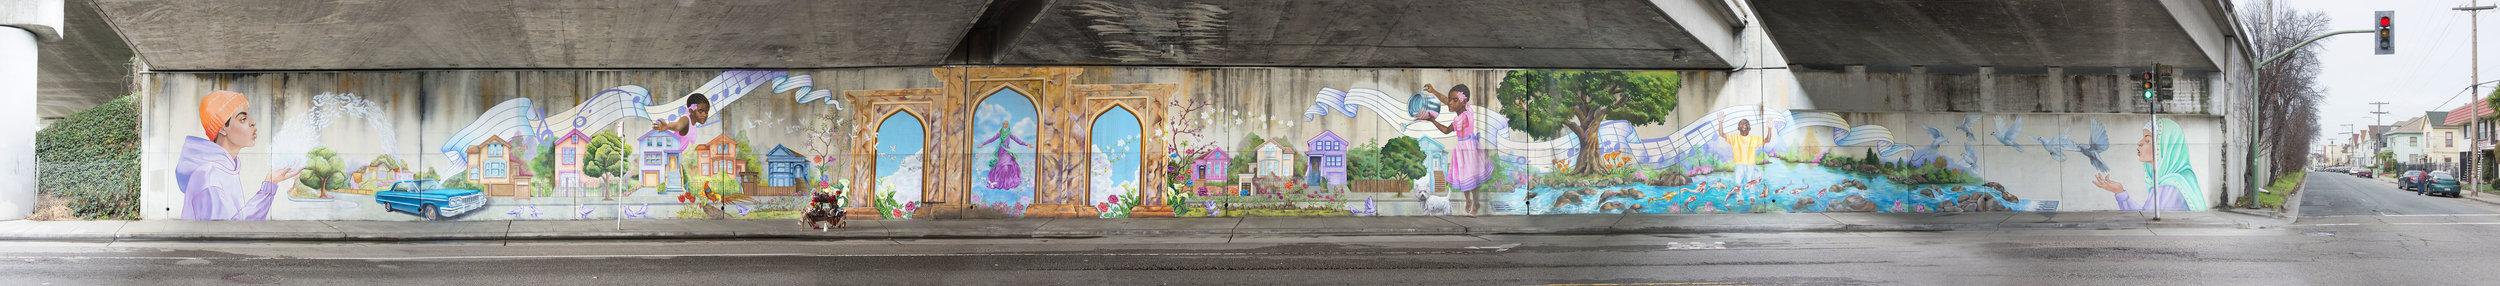 Mural West Street EAST Wall.jpg